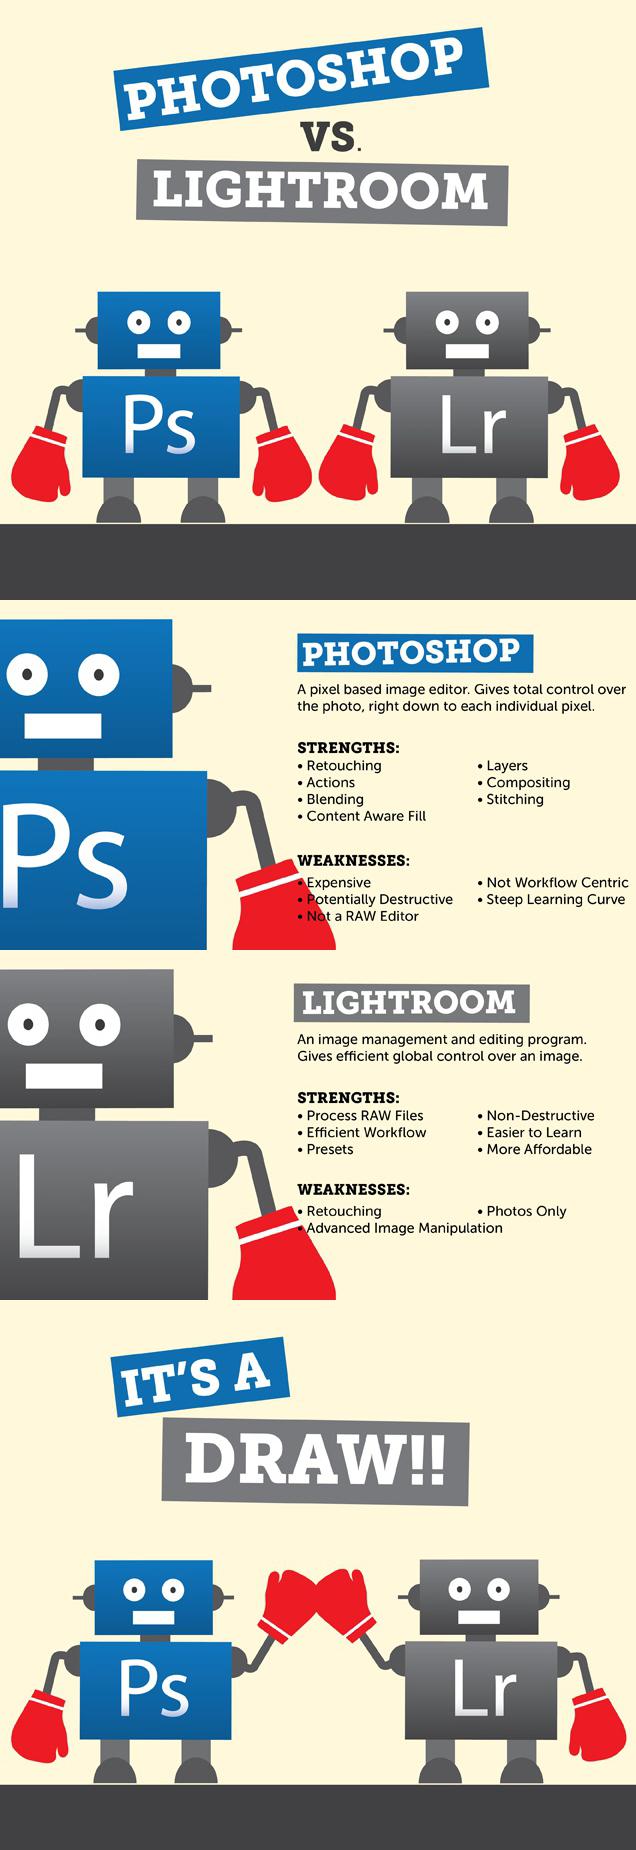 Photoshop vs Lightroom.png